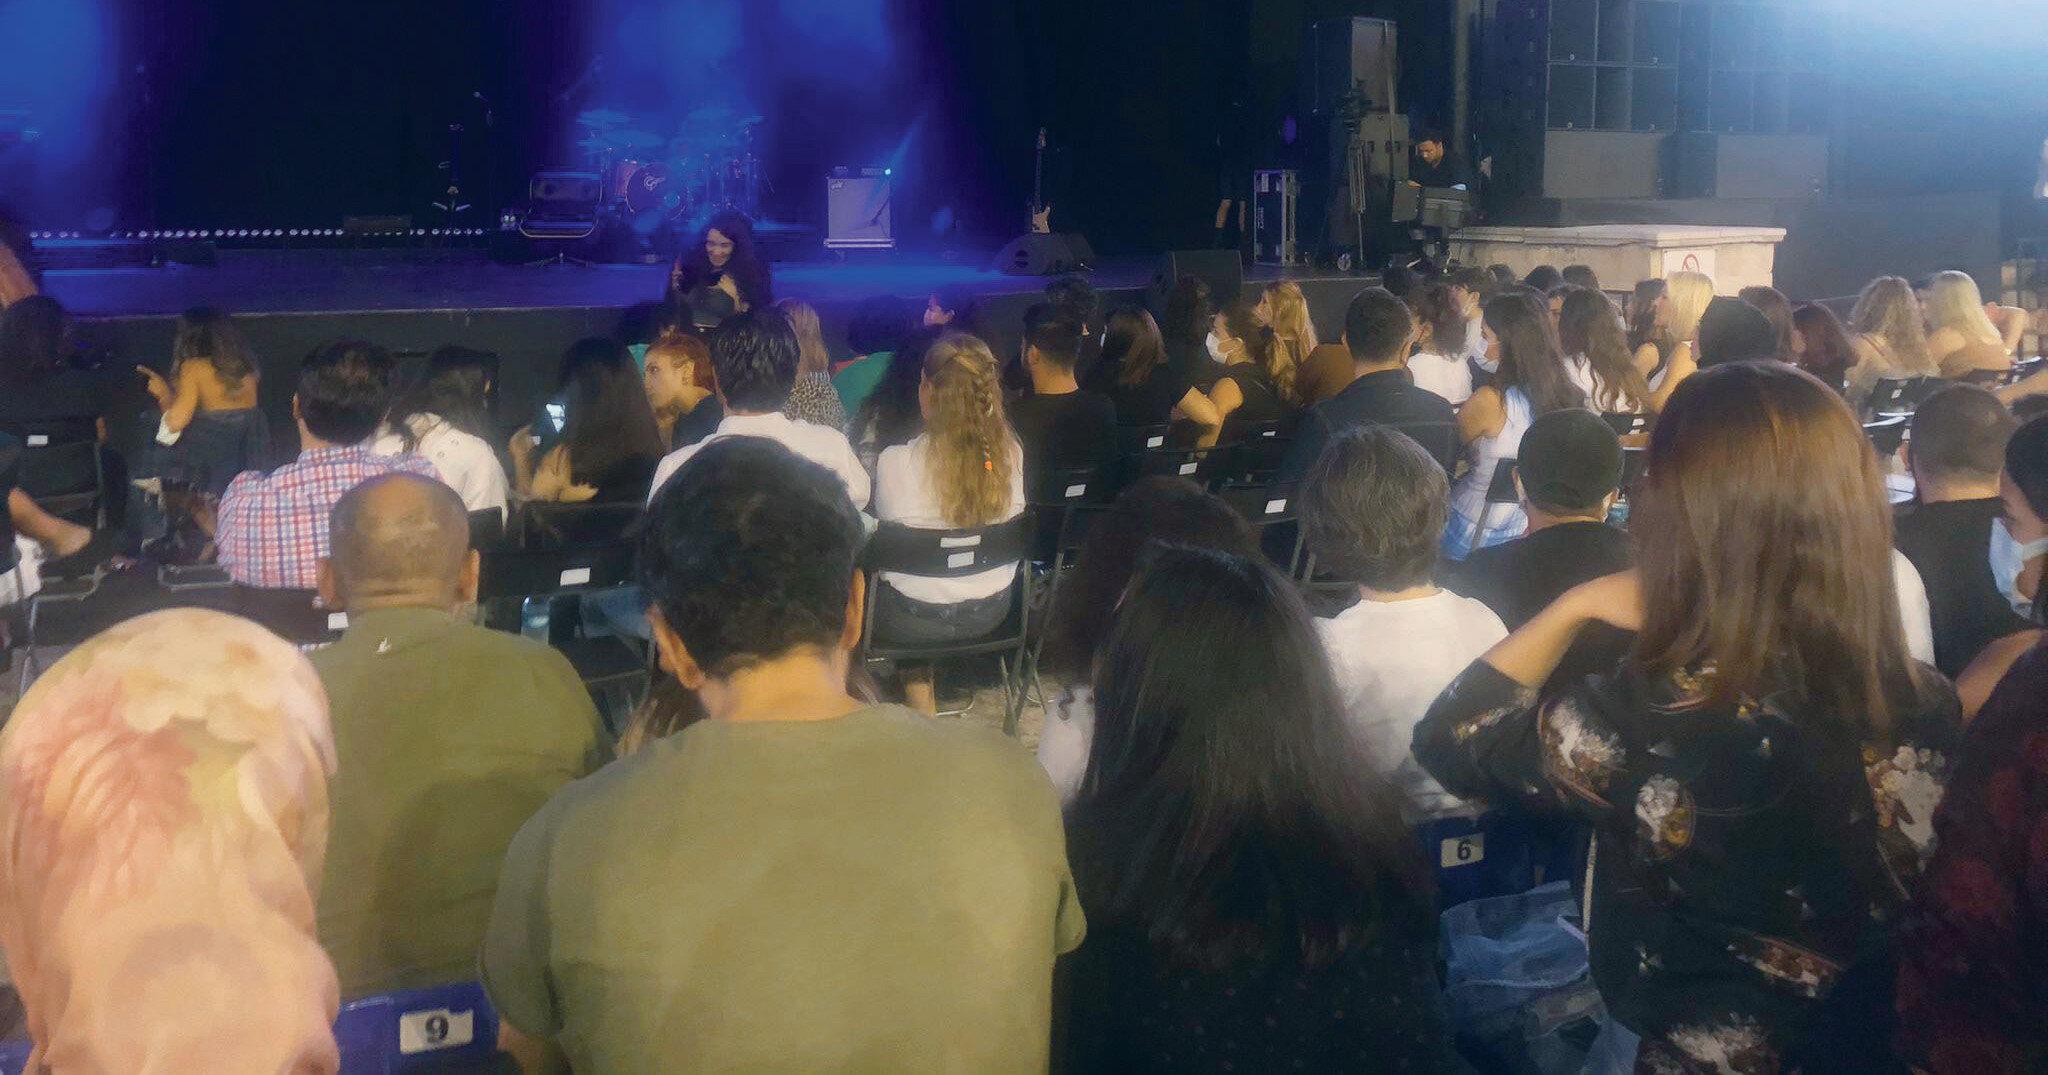 'Sosyal mesafesiz' konserde, maske kuralına riayet edilmediği gibi zaman zaman sigara içenler bile oldu.